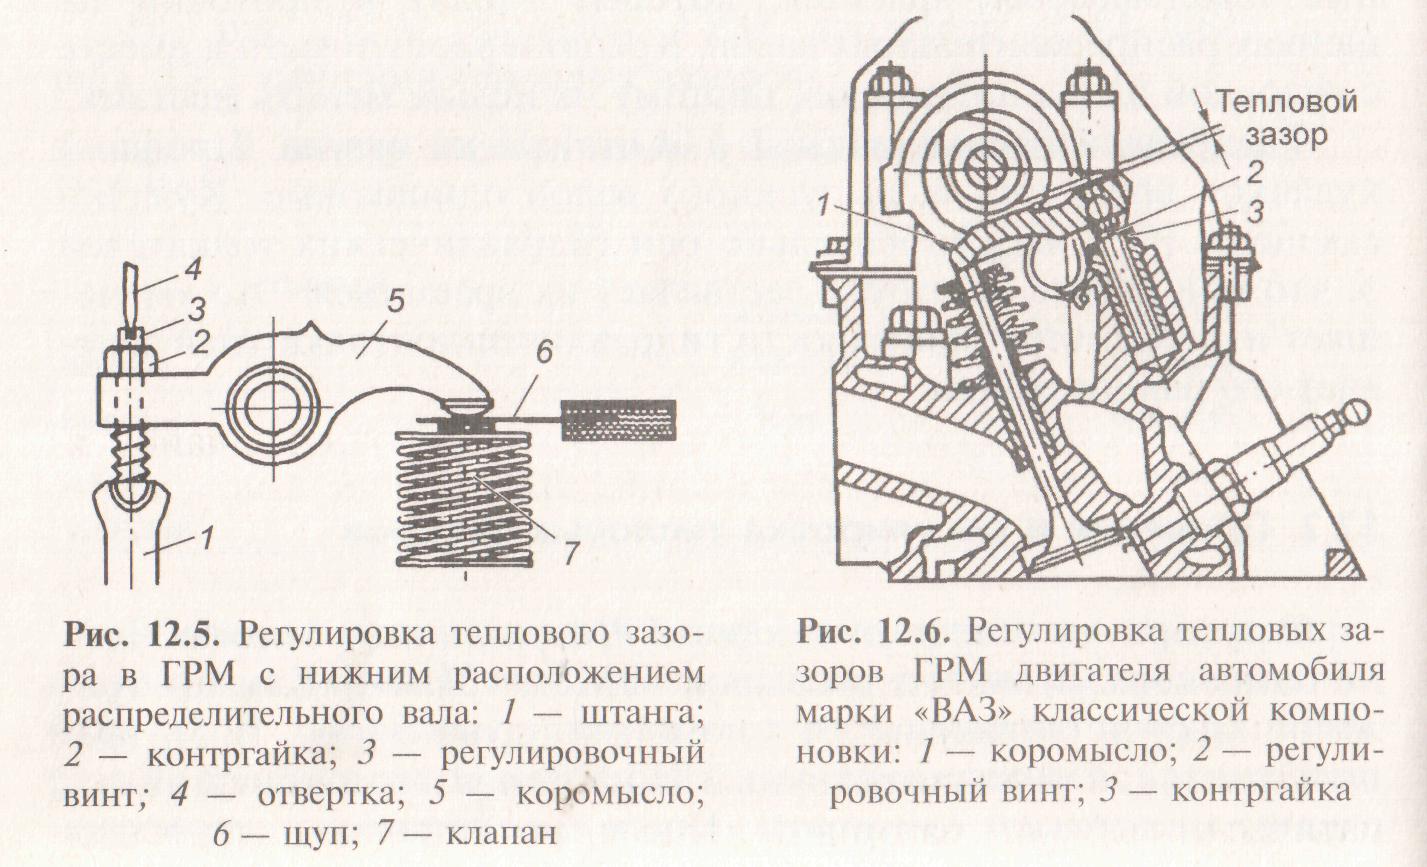 Схема тепловой зазор клапанов